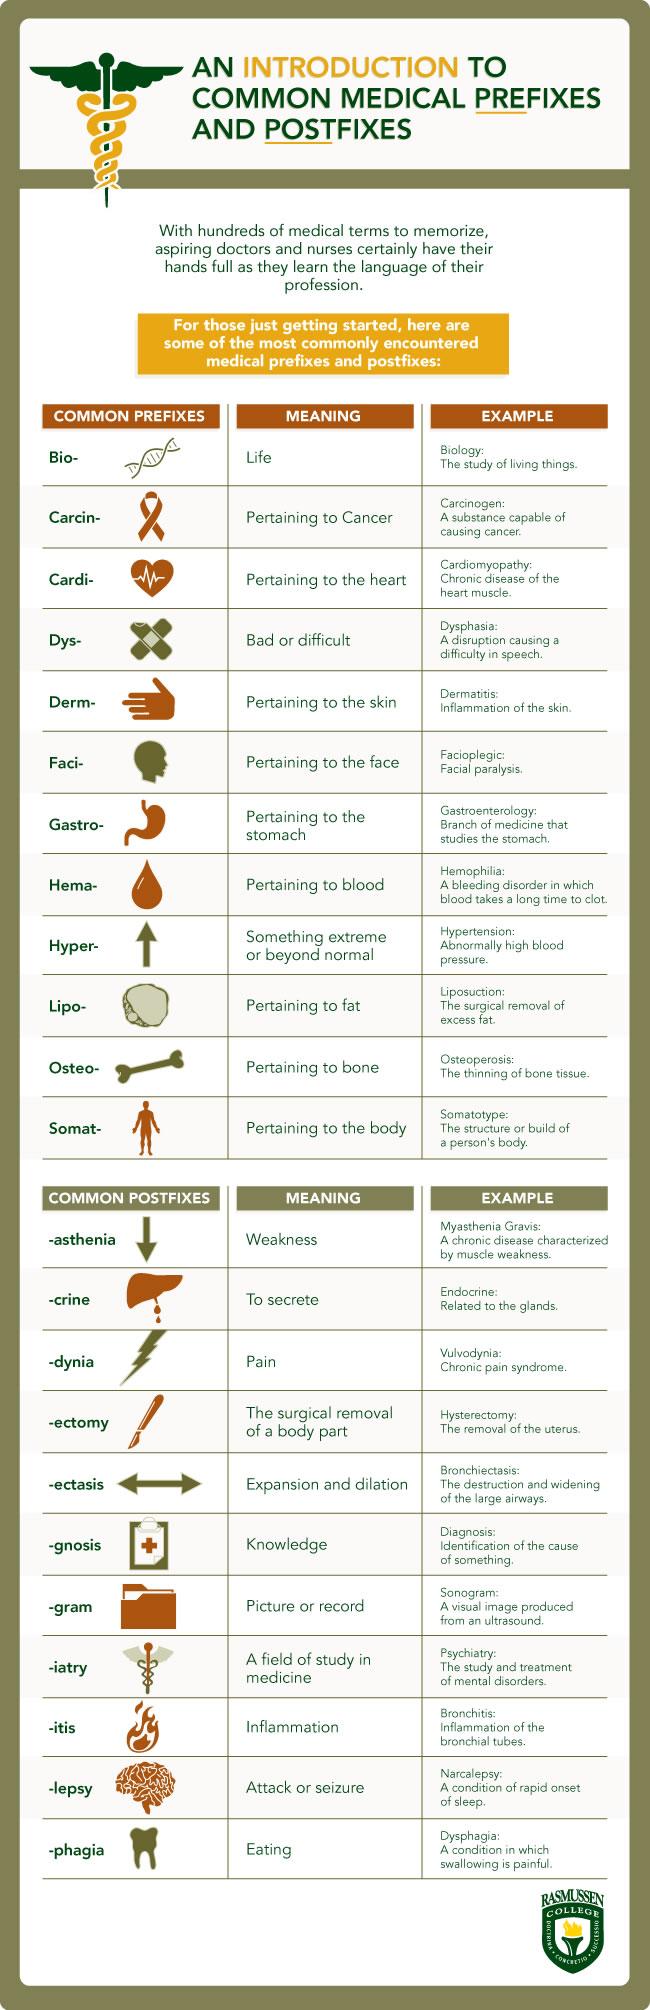 Common Medical Prefixes and Postfixes